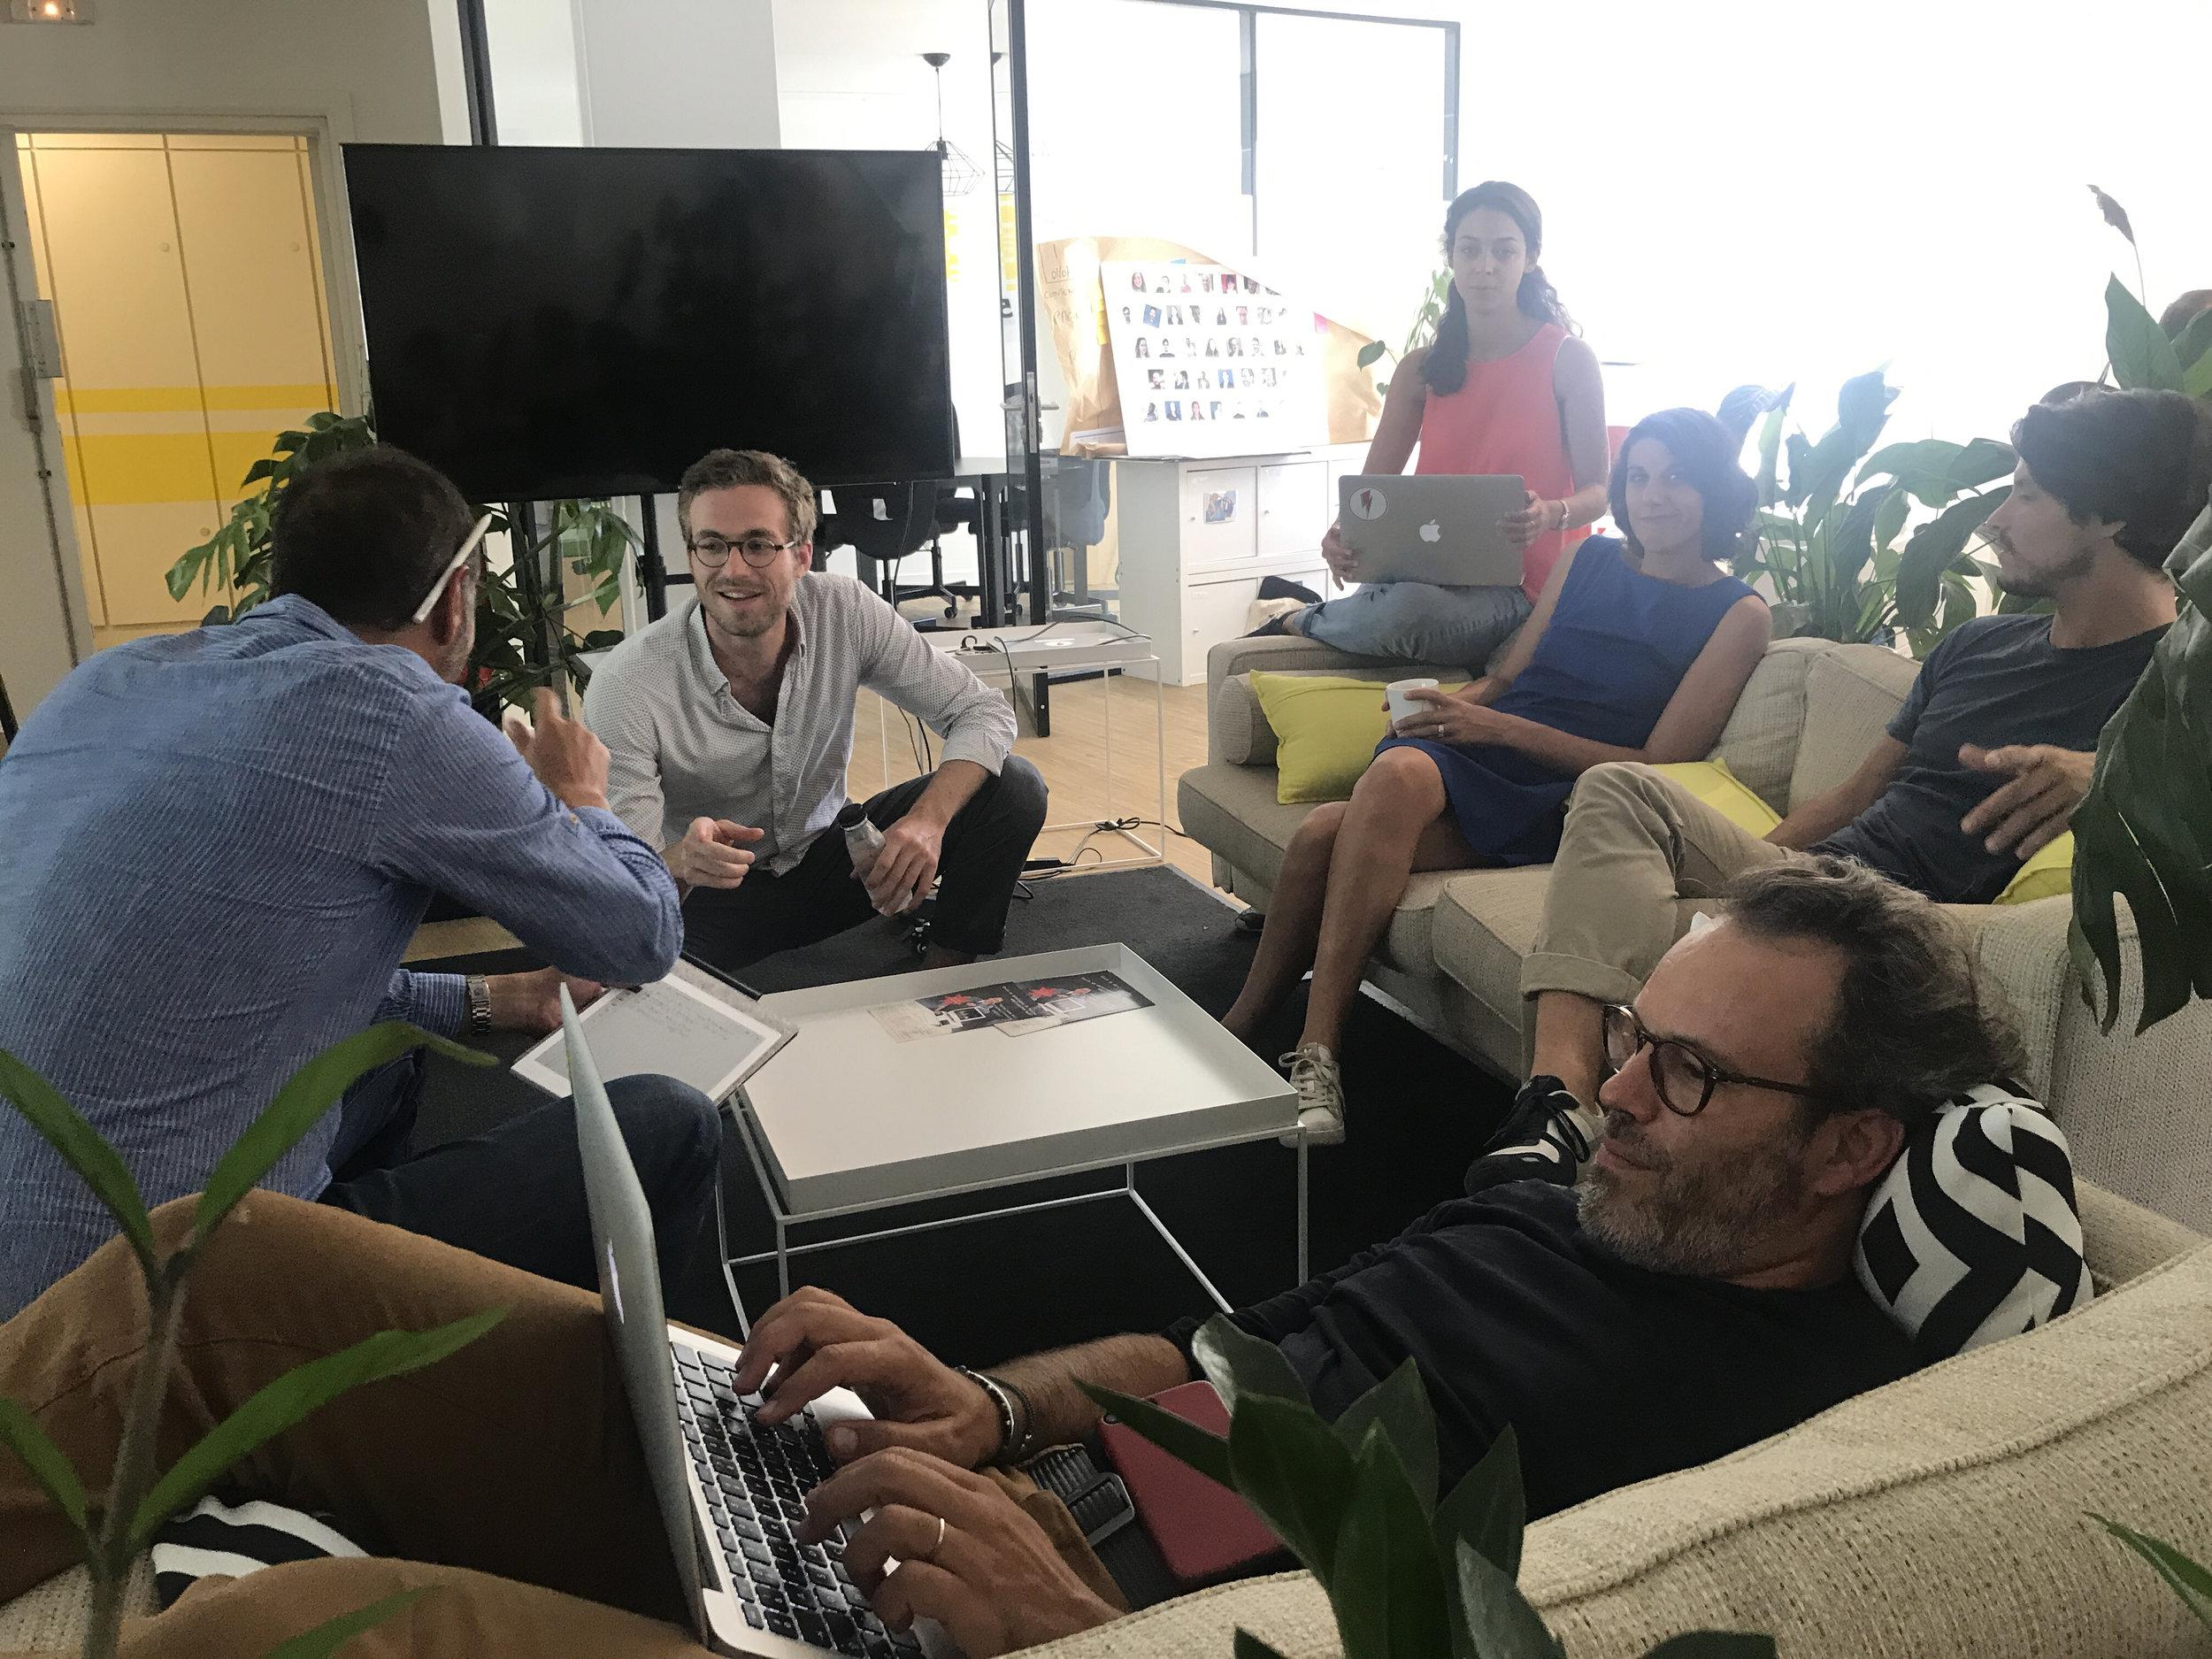 L'équipe AmazingContent brainstorme dans le salon